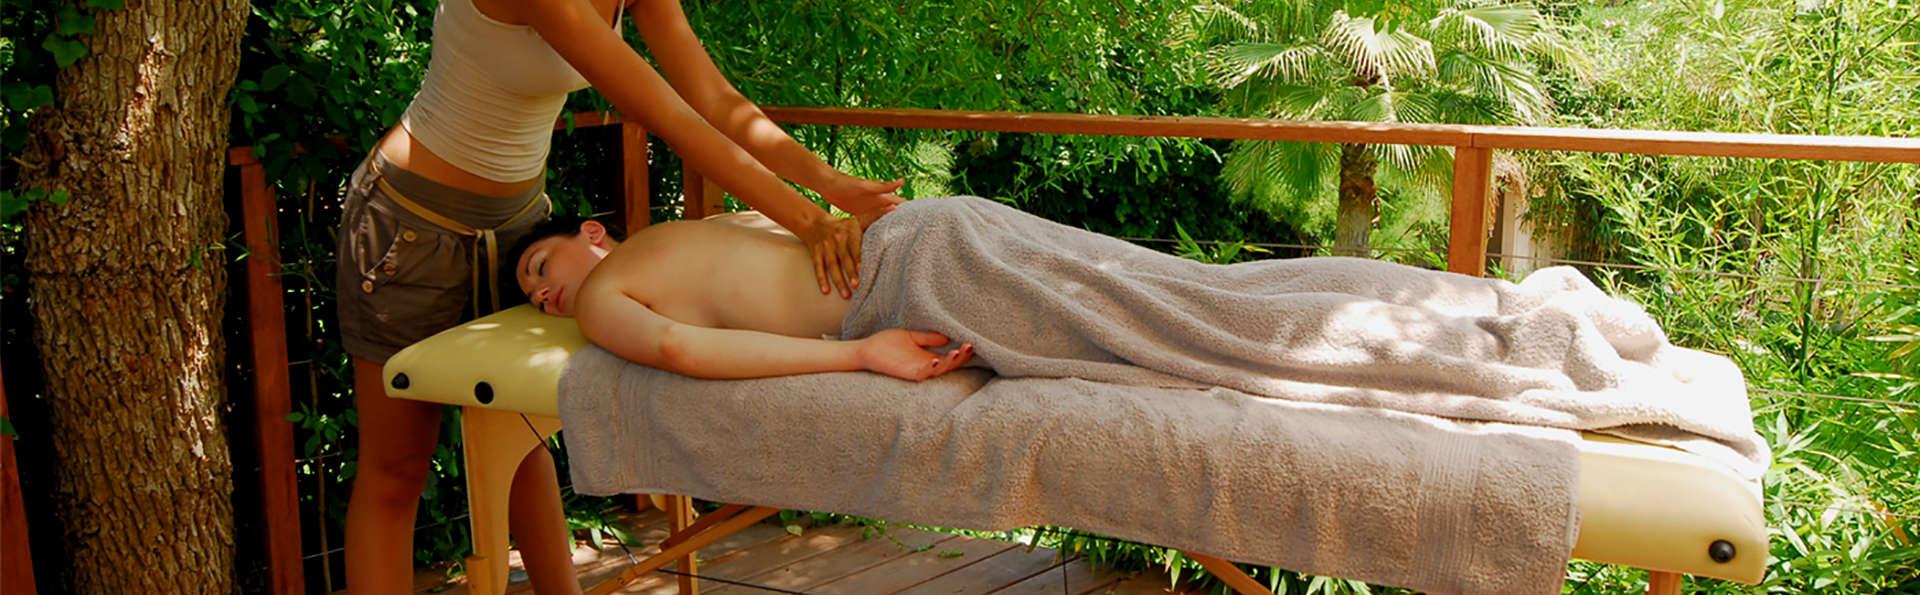 Week-end romantique à Cannes avec soins et accès privatif au Spa